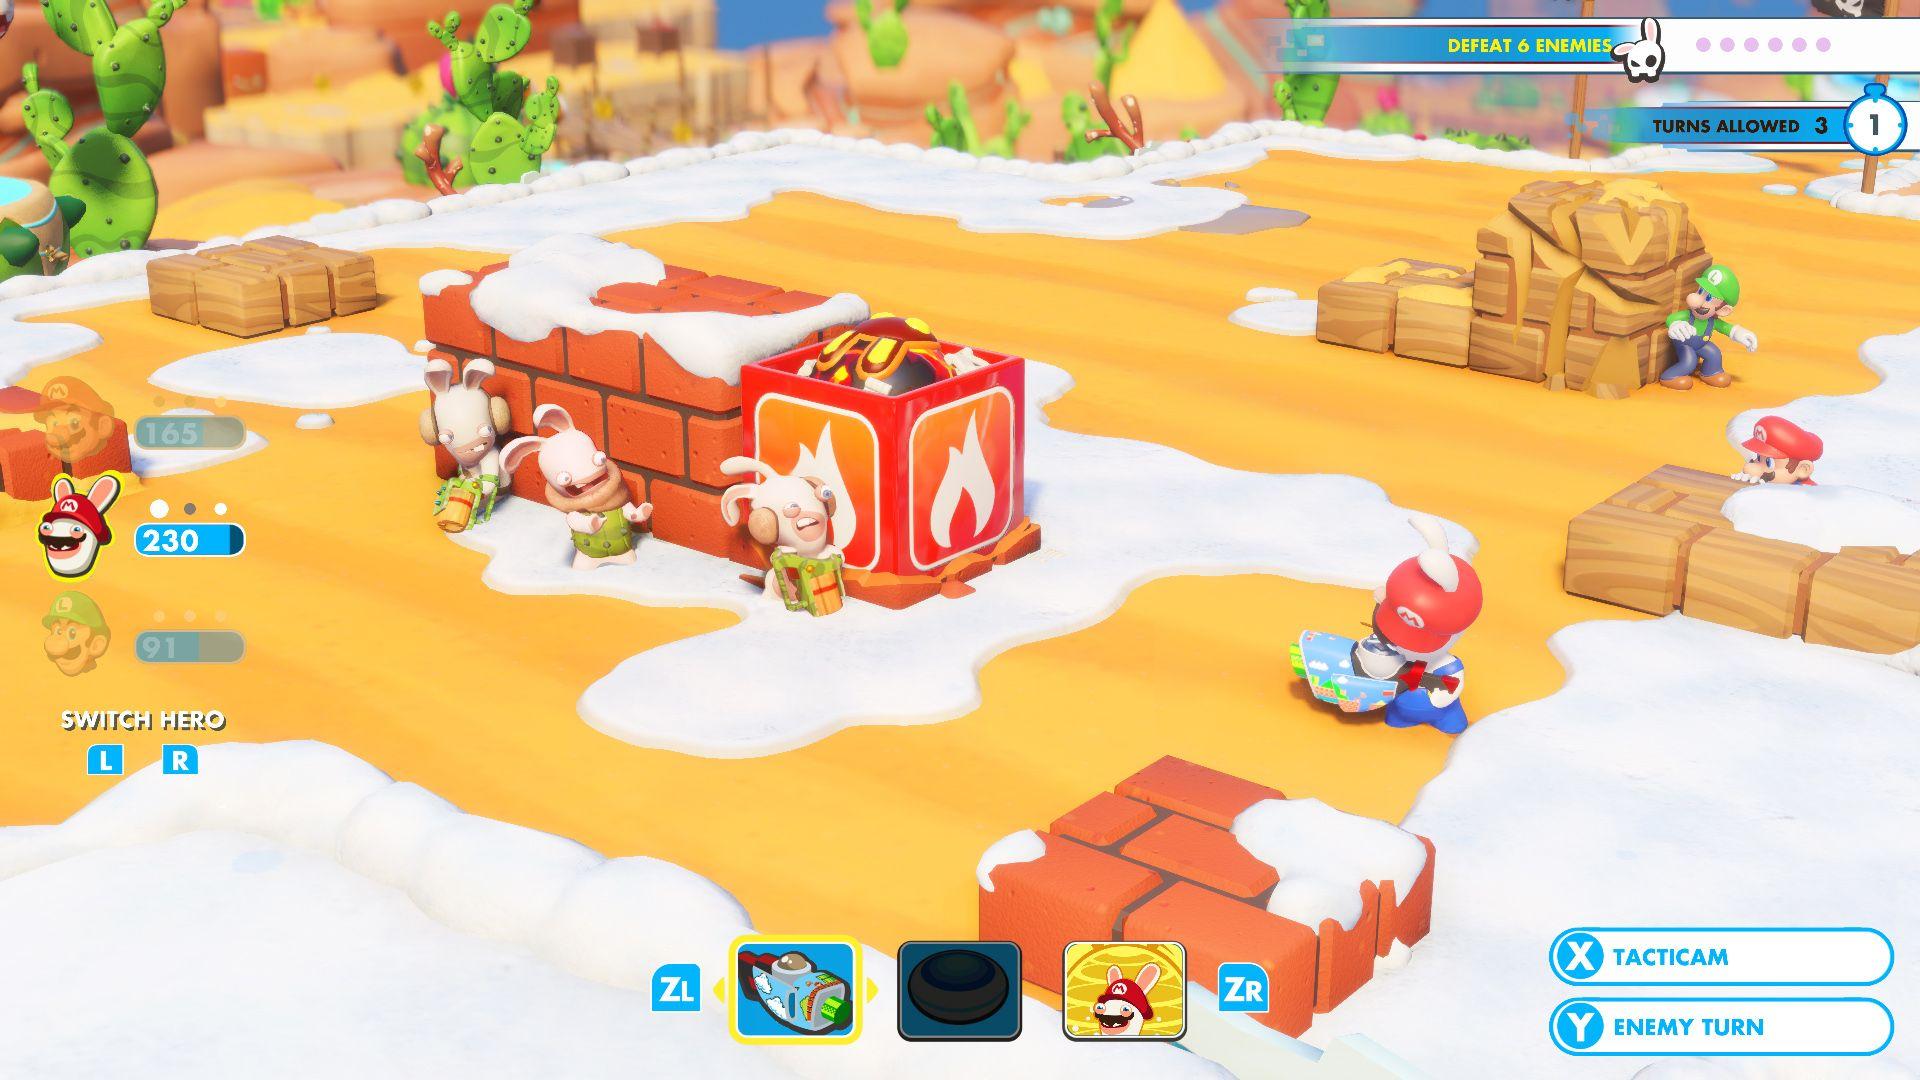 Mario + Rabbids: Битва за Королевство, кадр № 1